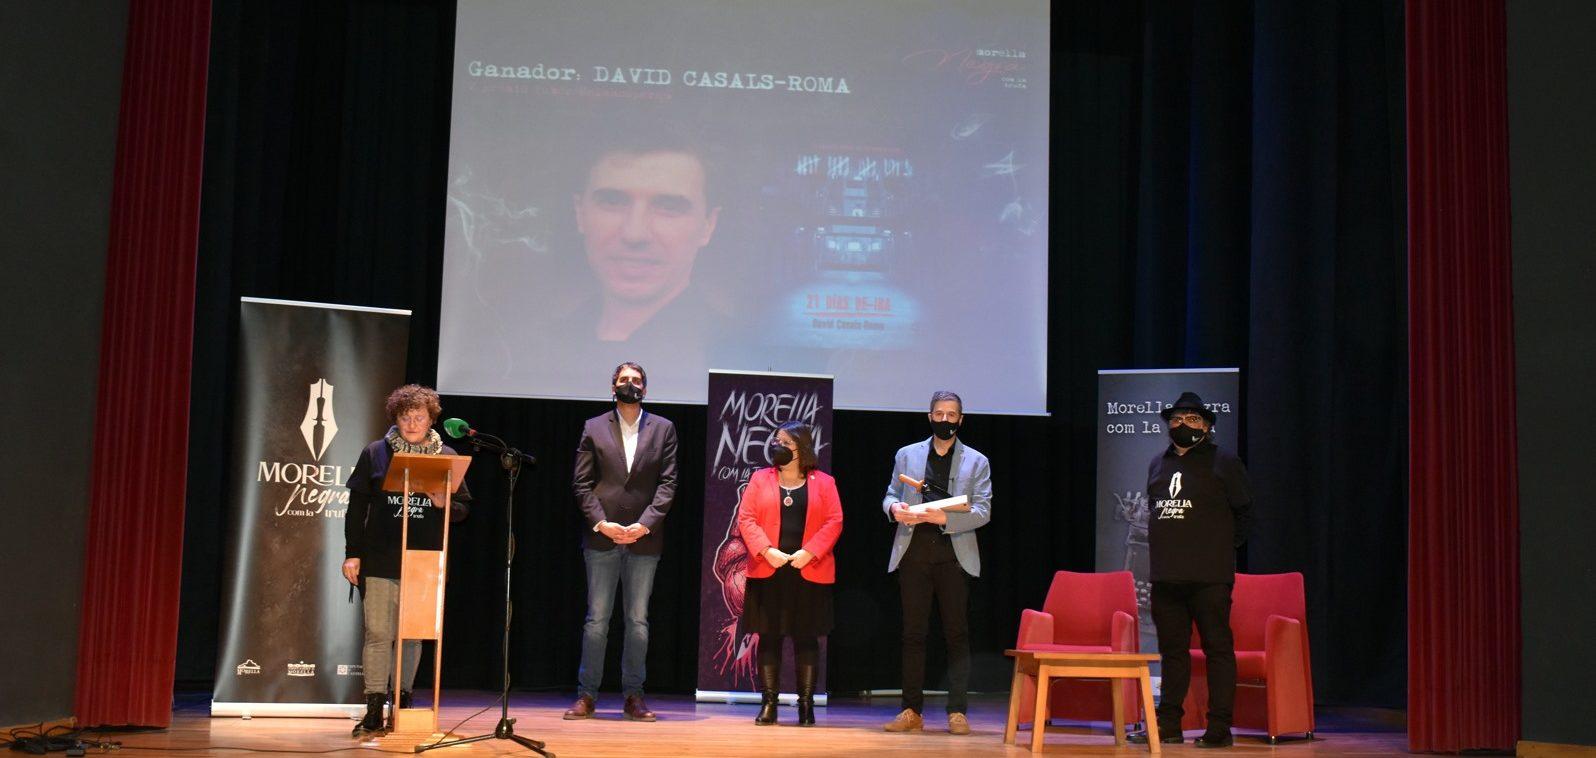 David Casals-Roma, guanya el Tuber Melanosporum 2021 de Morella amb la novel·la '21díasde ira'